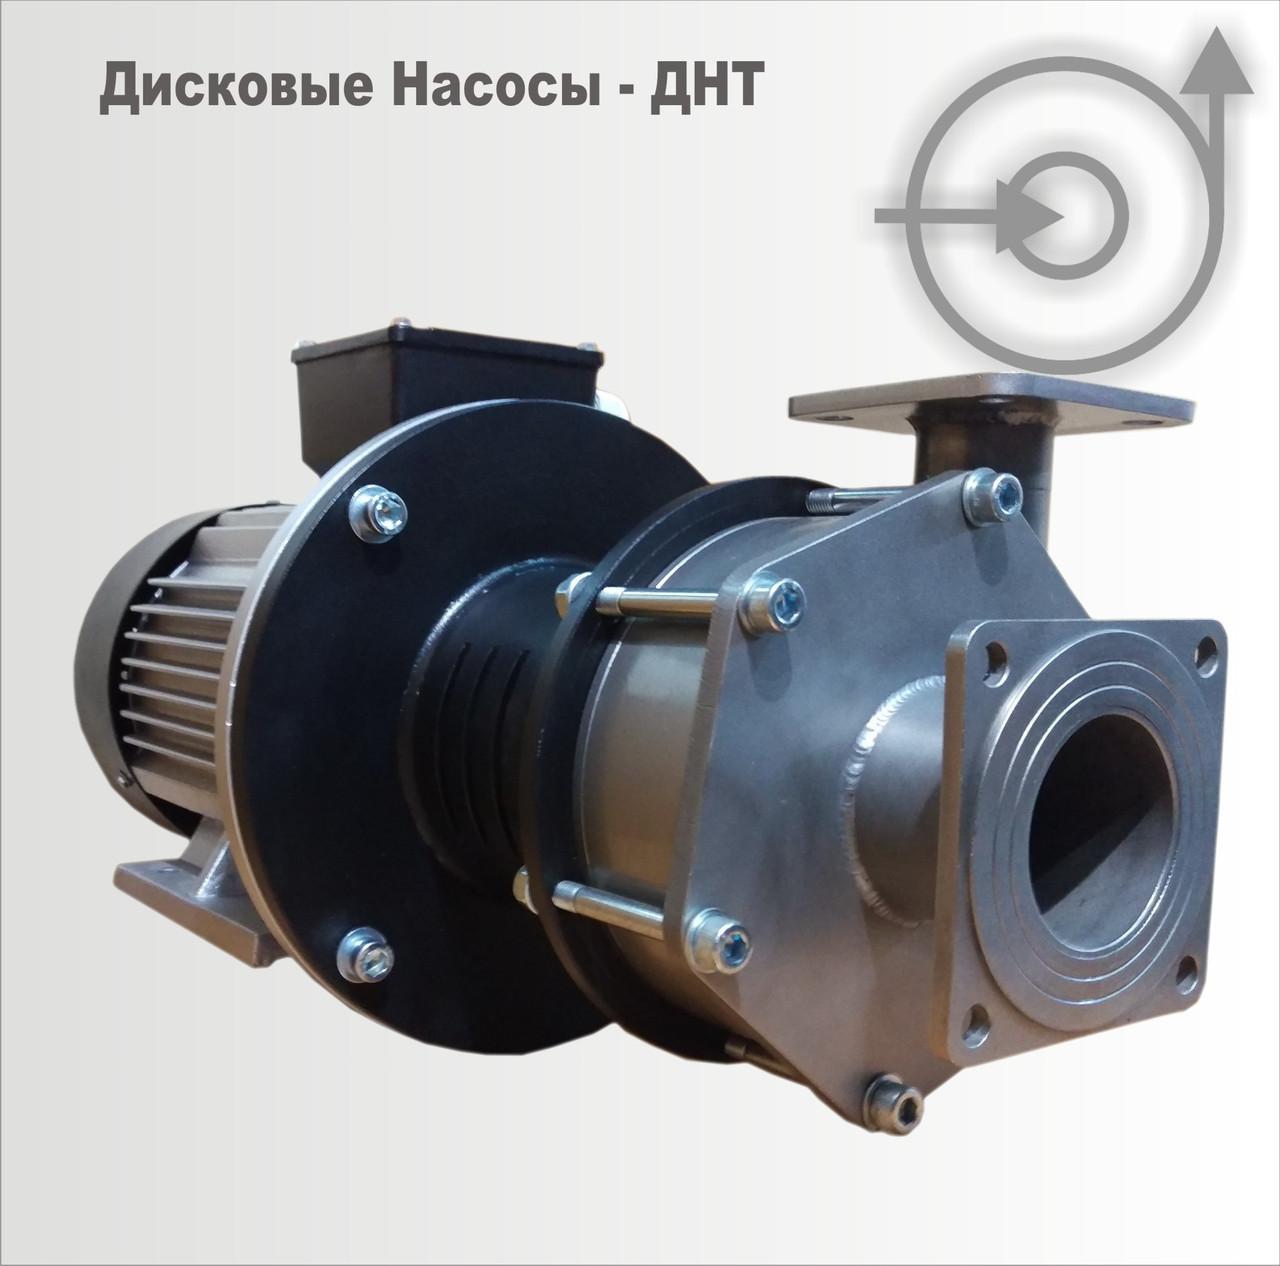 Дисковий насос ДНТ-МУ 140 20-8 ТУ нержавіюча сталь